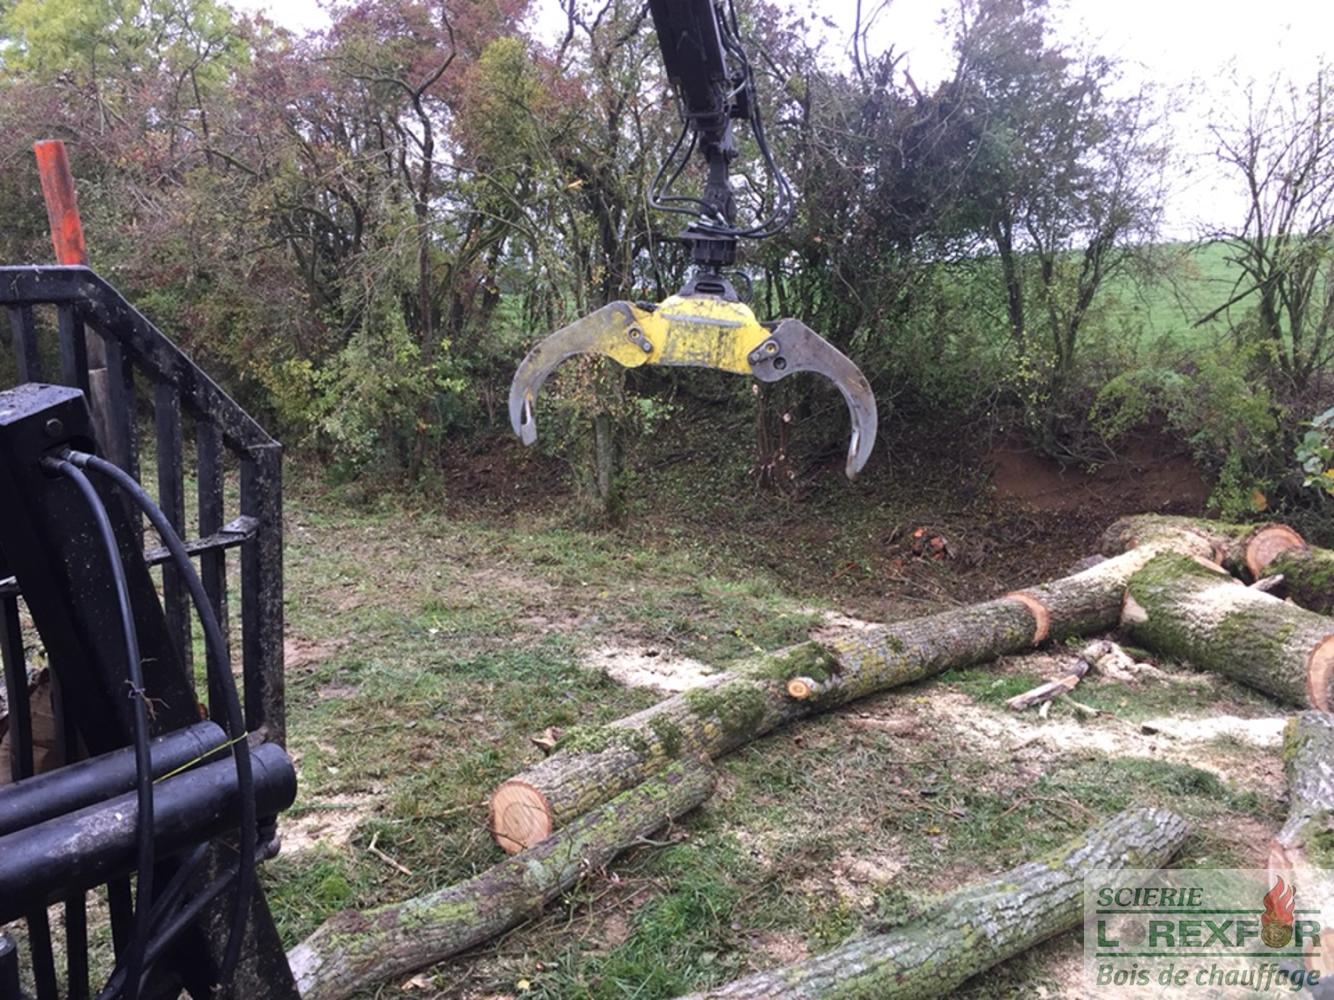 Quand couper les arbres pour bois de chauffage - Arbre fruitier comme bois de chauffage ...